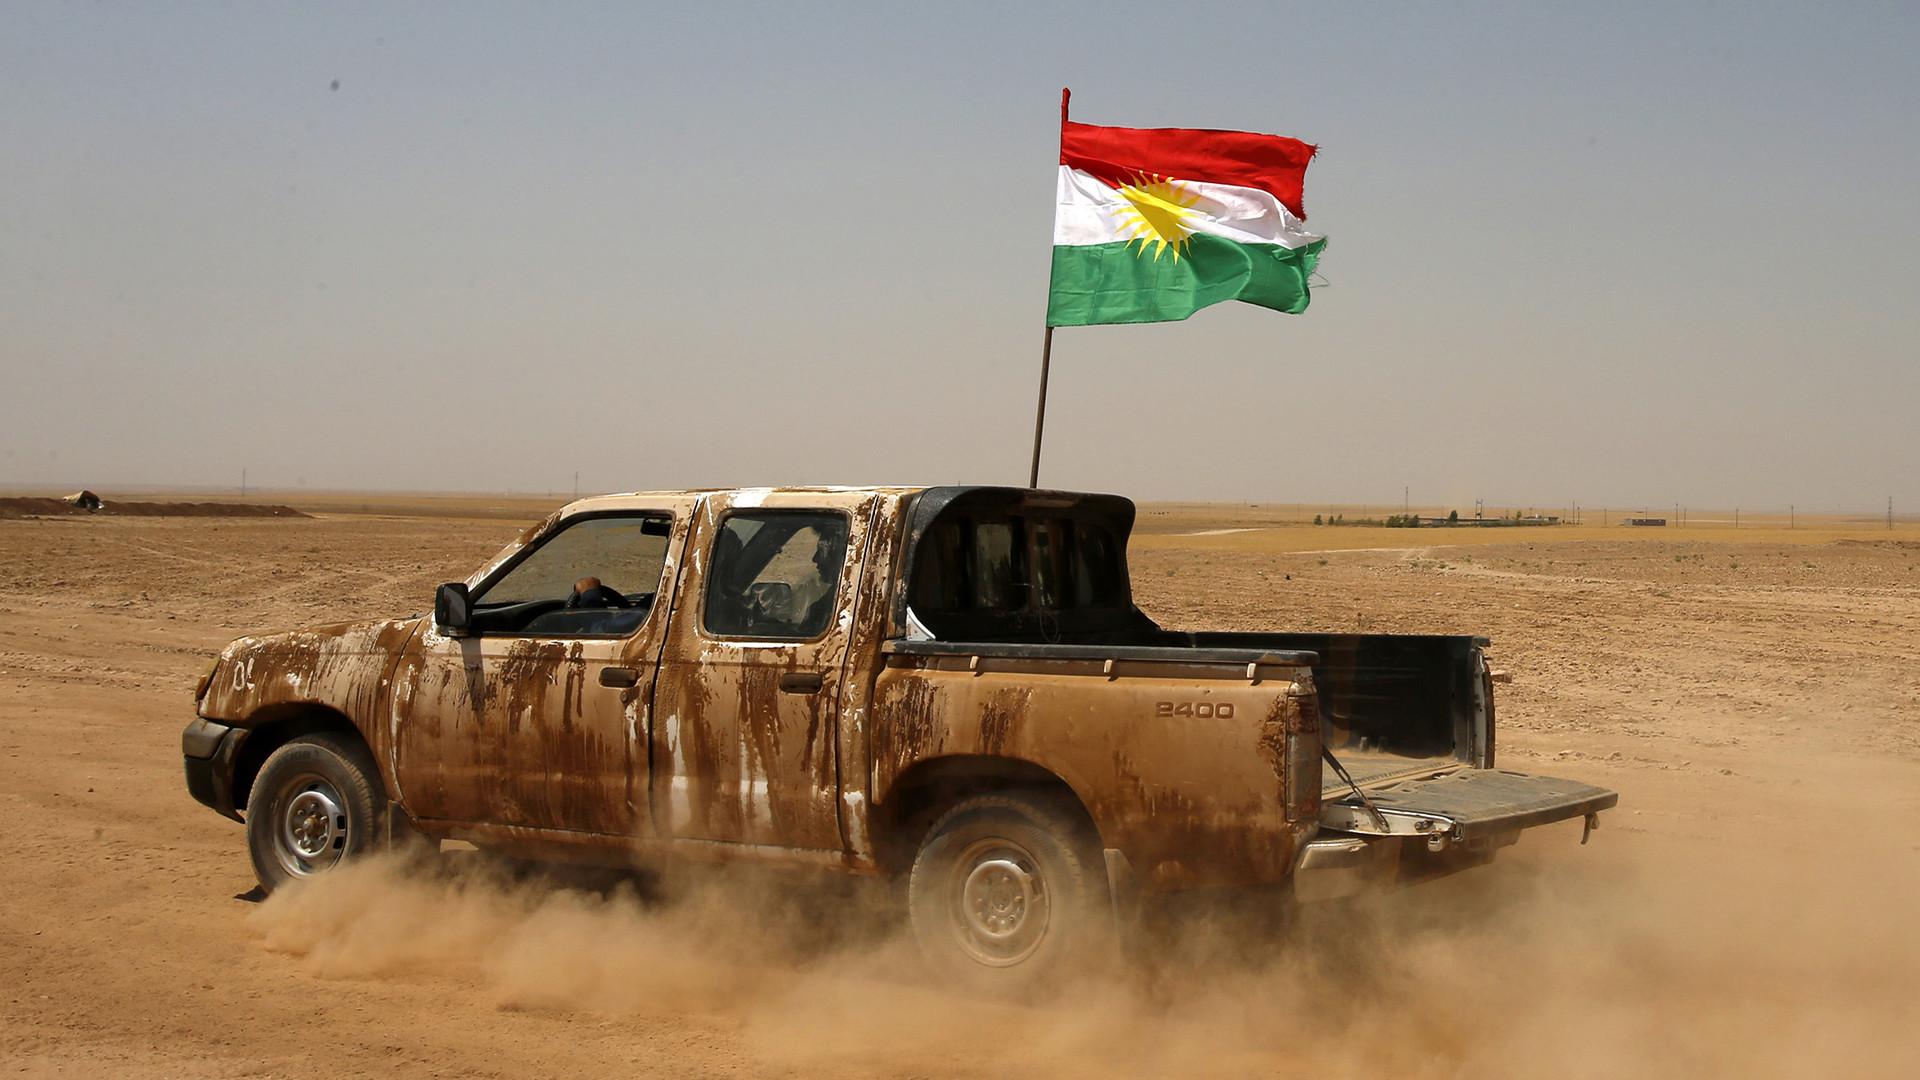 Скрытый интерес: почему Америке не выгодно признание Курдистана независимым